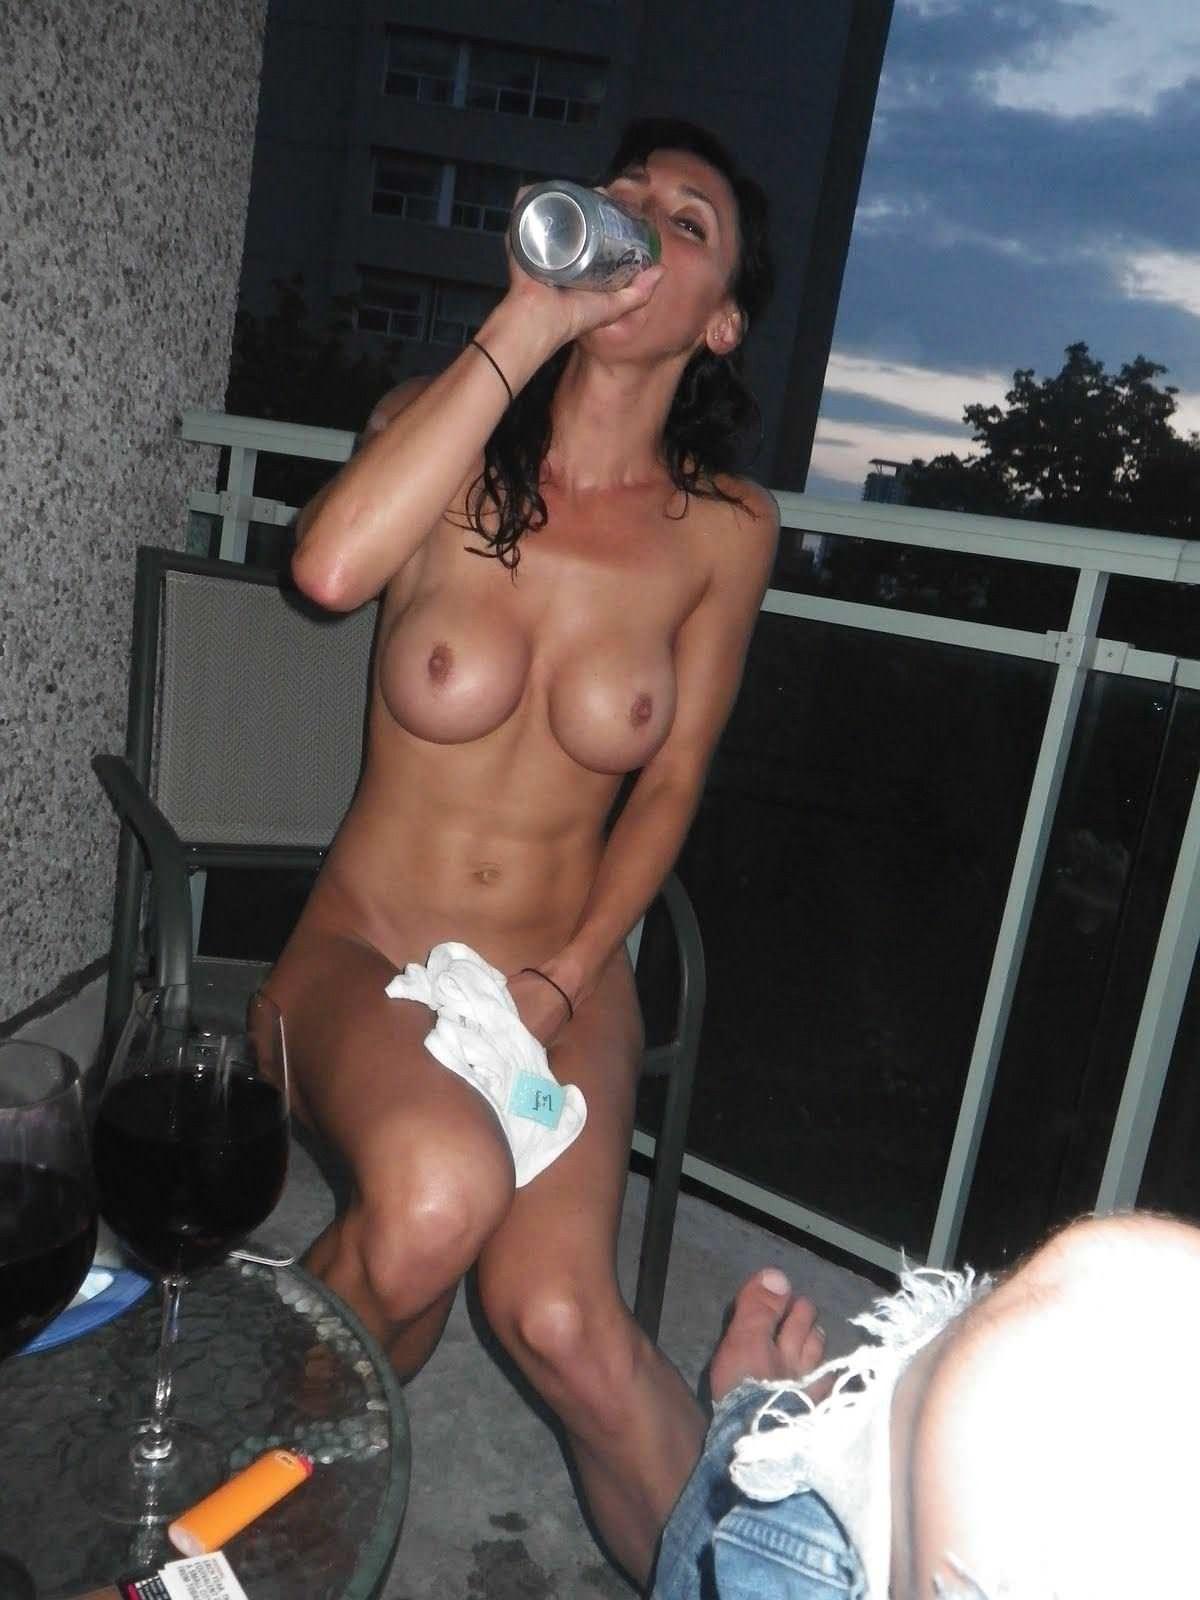 【外人】旦那の趣味でパイパンまんこやフェラしてる姿を撮られた巨乳人妻のポルノ画像 11118